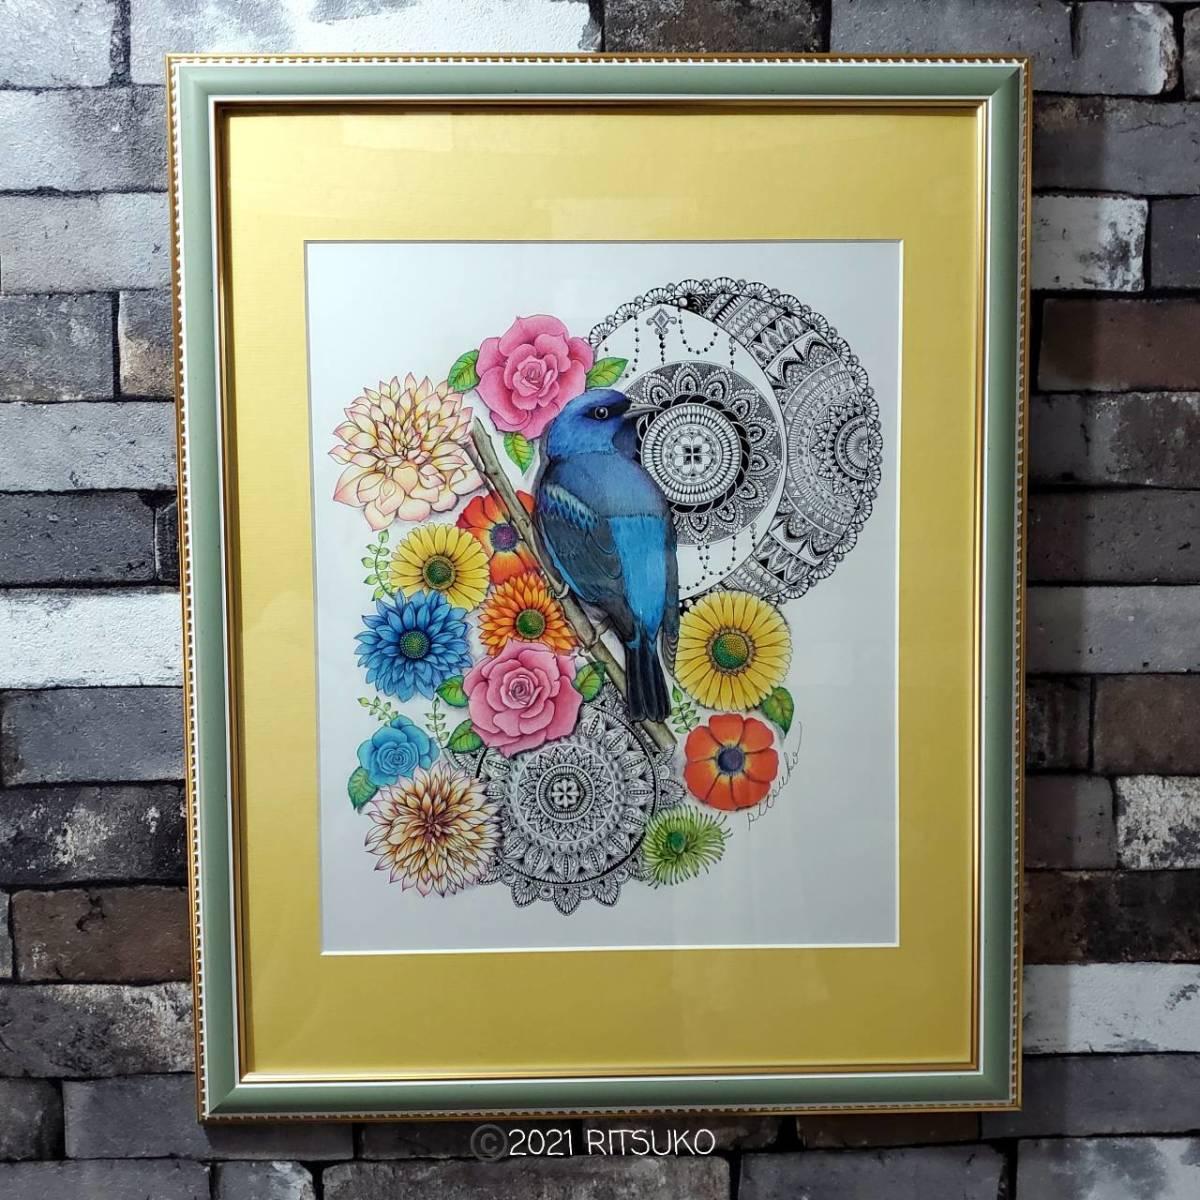 原画 1点もの 色鉛筆画 ボールペン画 日本人作家 花鳥風月 絵画 絵 アート インテリア 開運_画像1